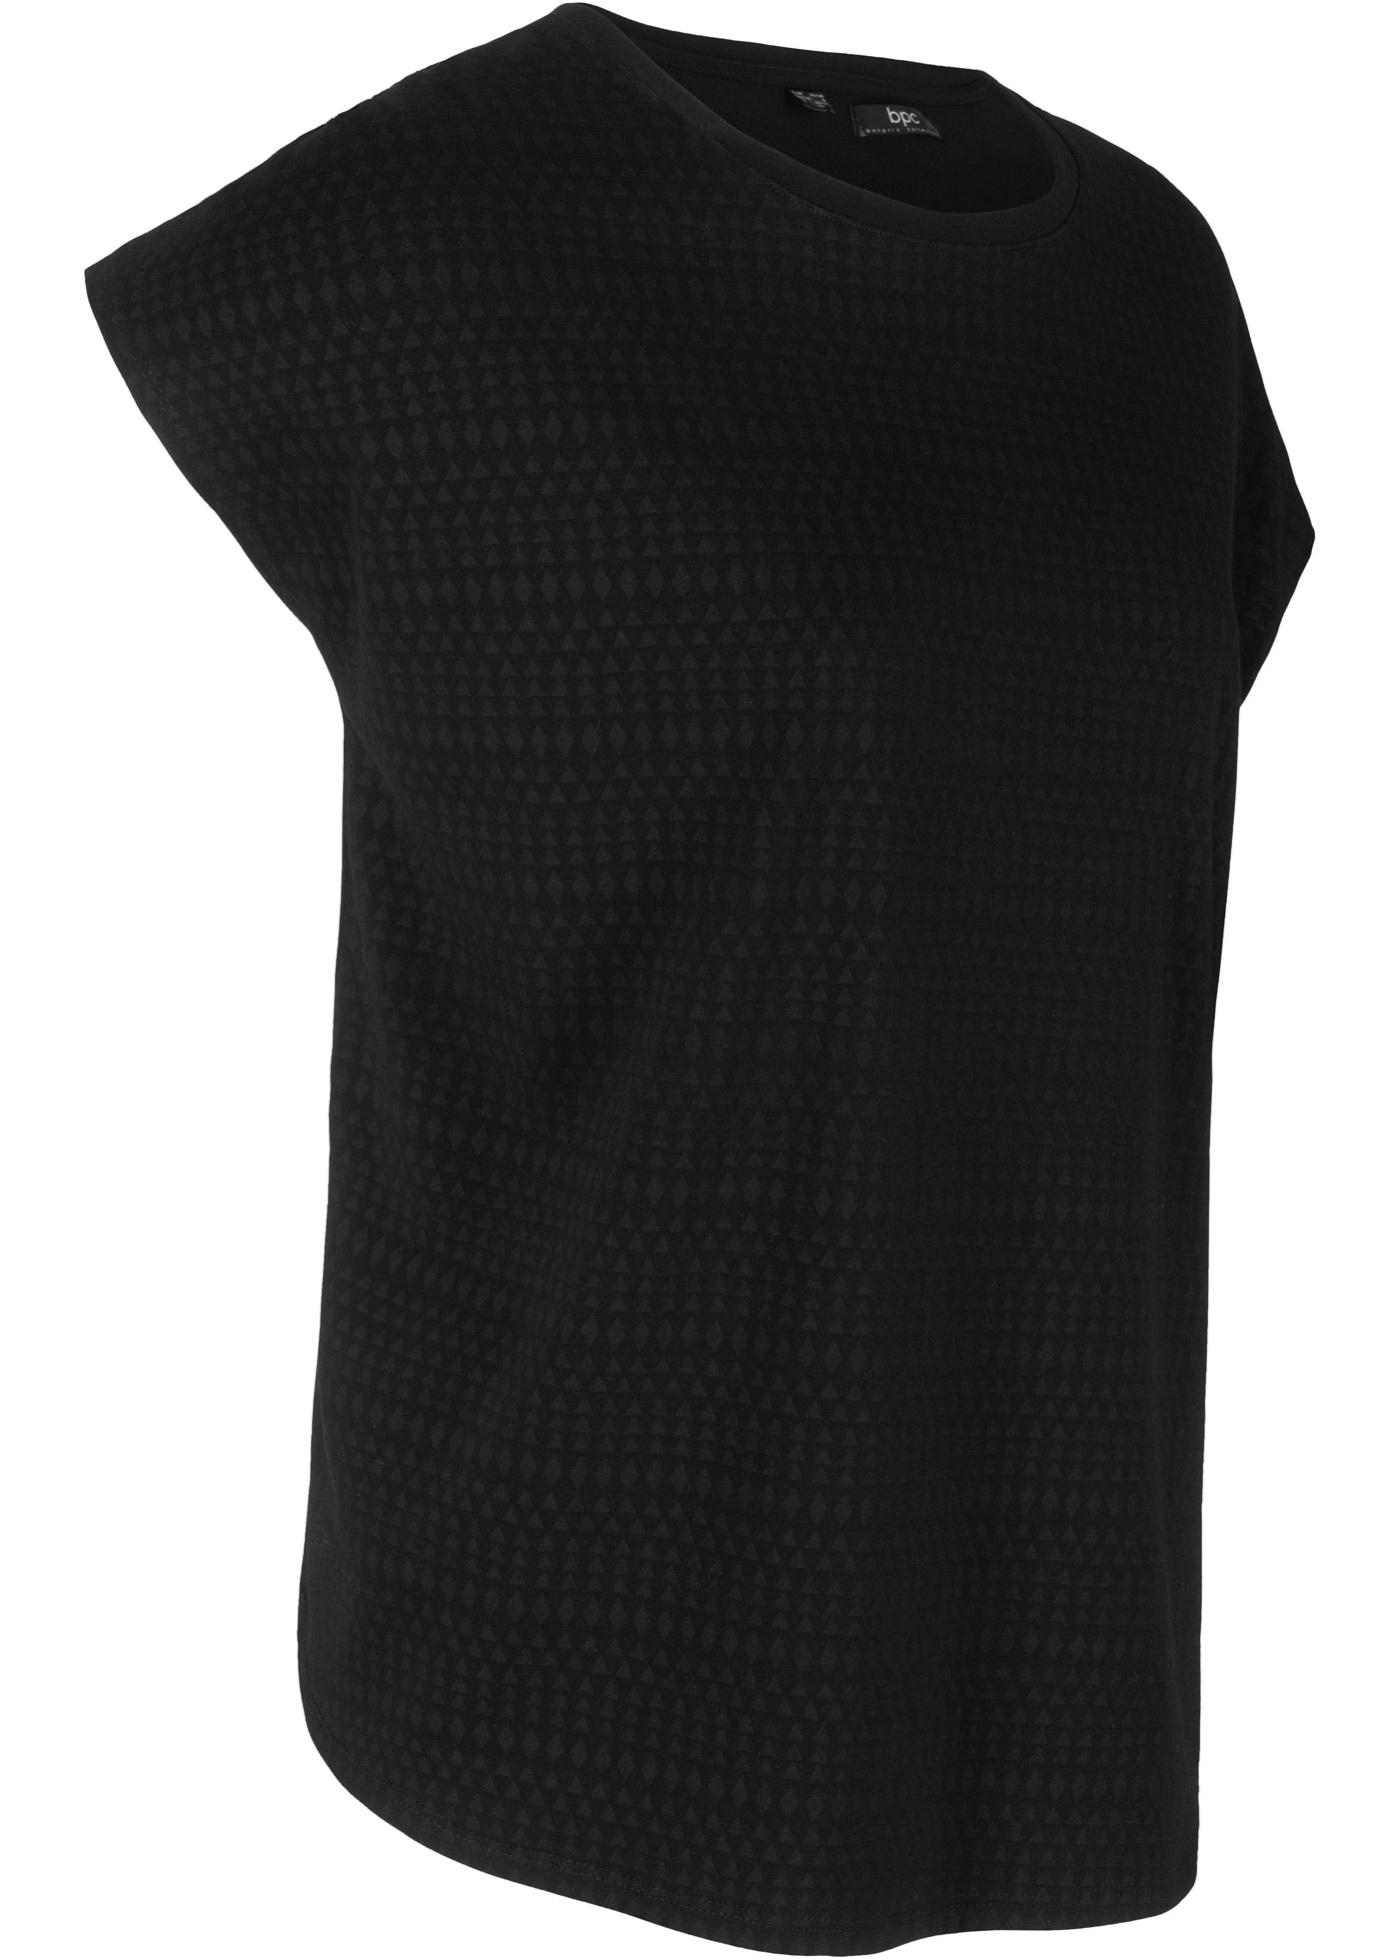 Bpc Courtes Bonprix Noir CollectionT À De Manches Femme shirt Sport Pour uKJcTF13l5